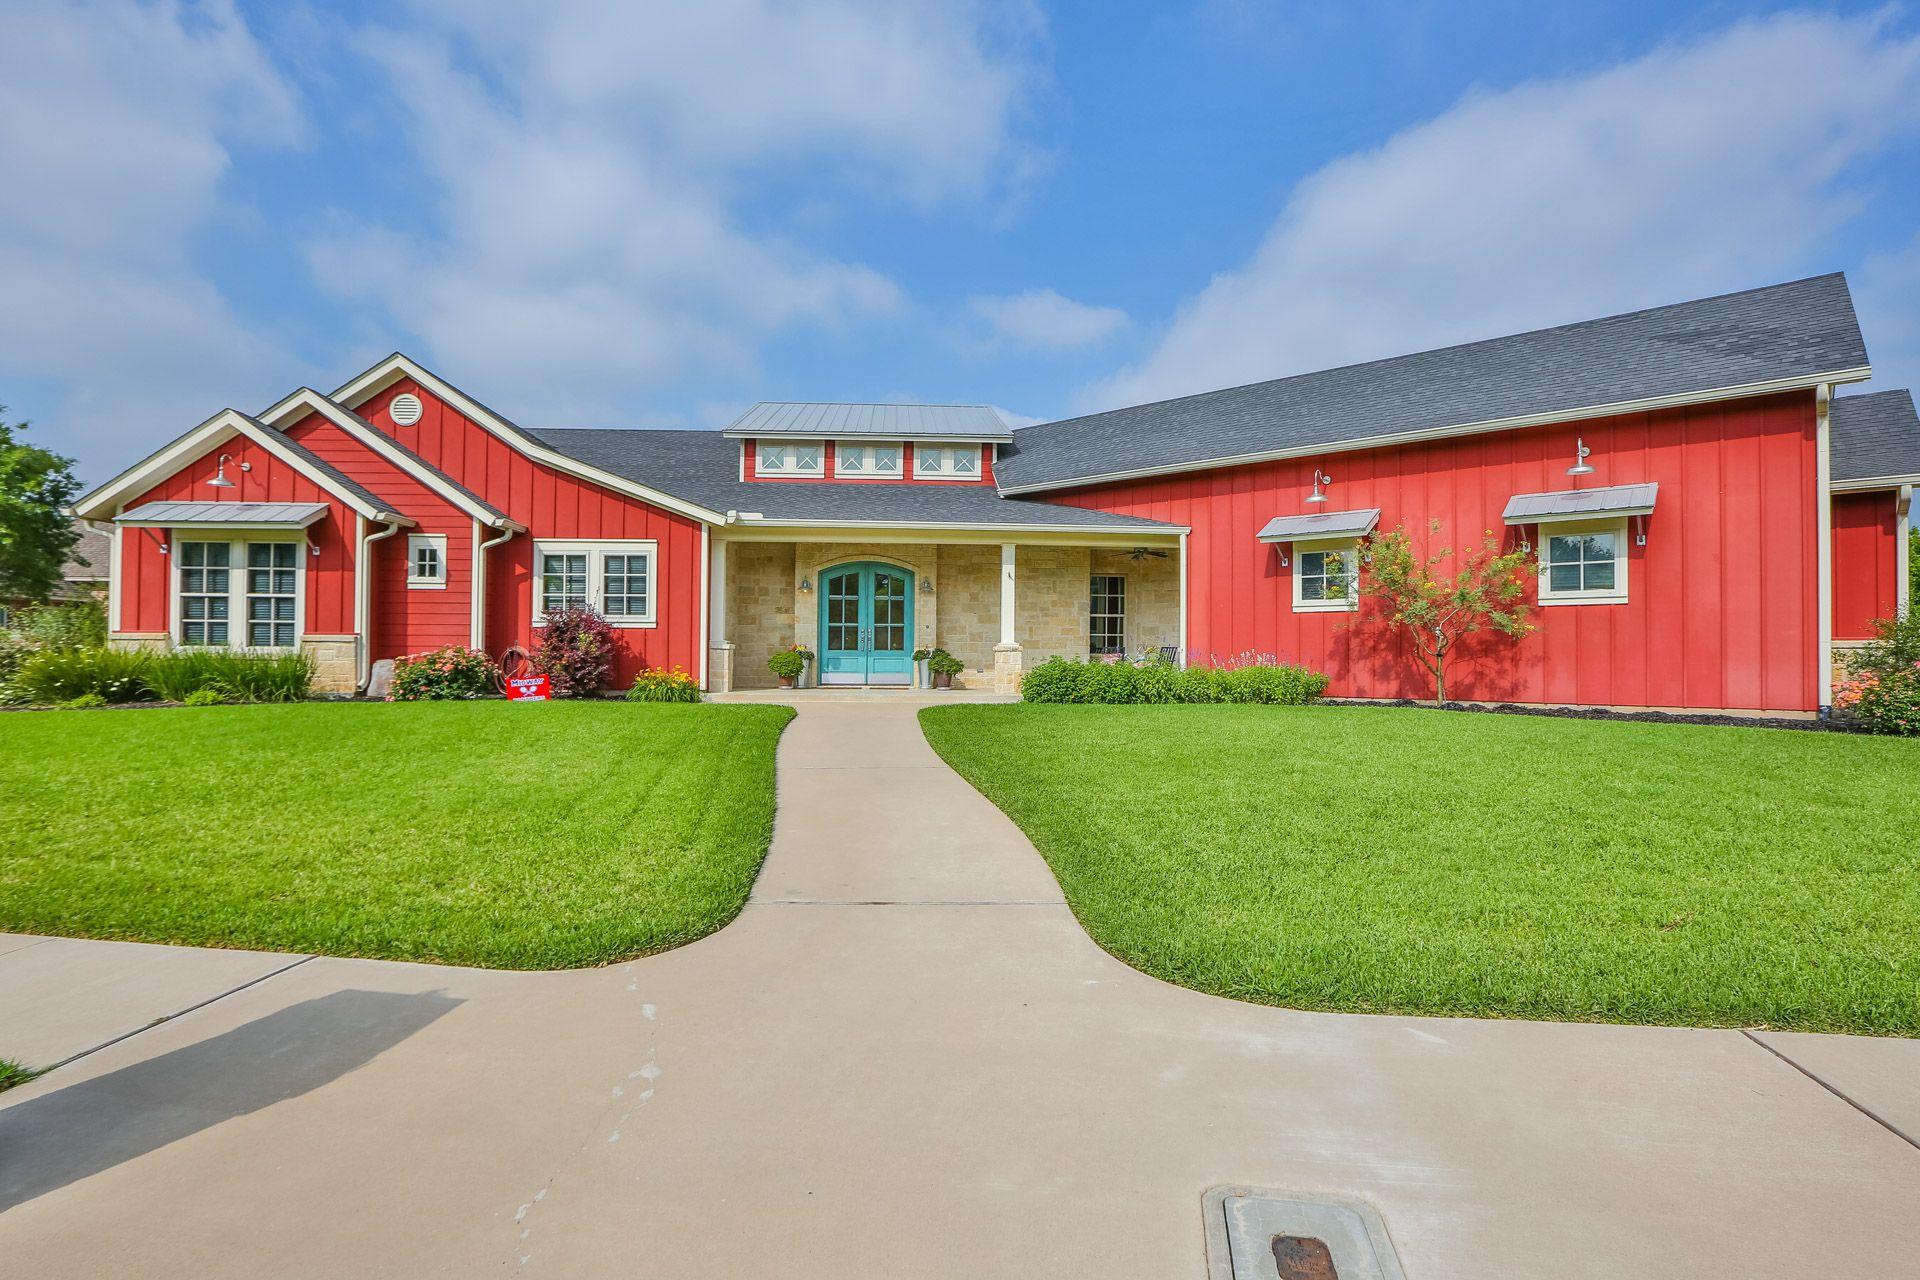 Waco Texas Immobilien Wohnobjekte Zum Verkauf In Waco Texas Auf Real Buzz De Finden Haus Zum Kaufen Immobilien Immobilien Angebote